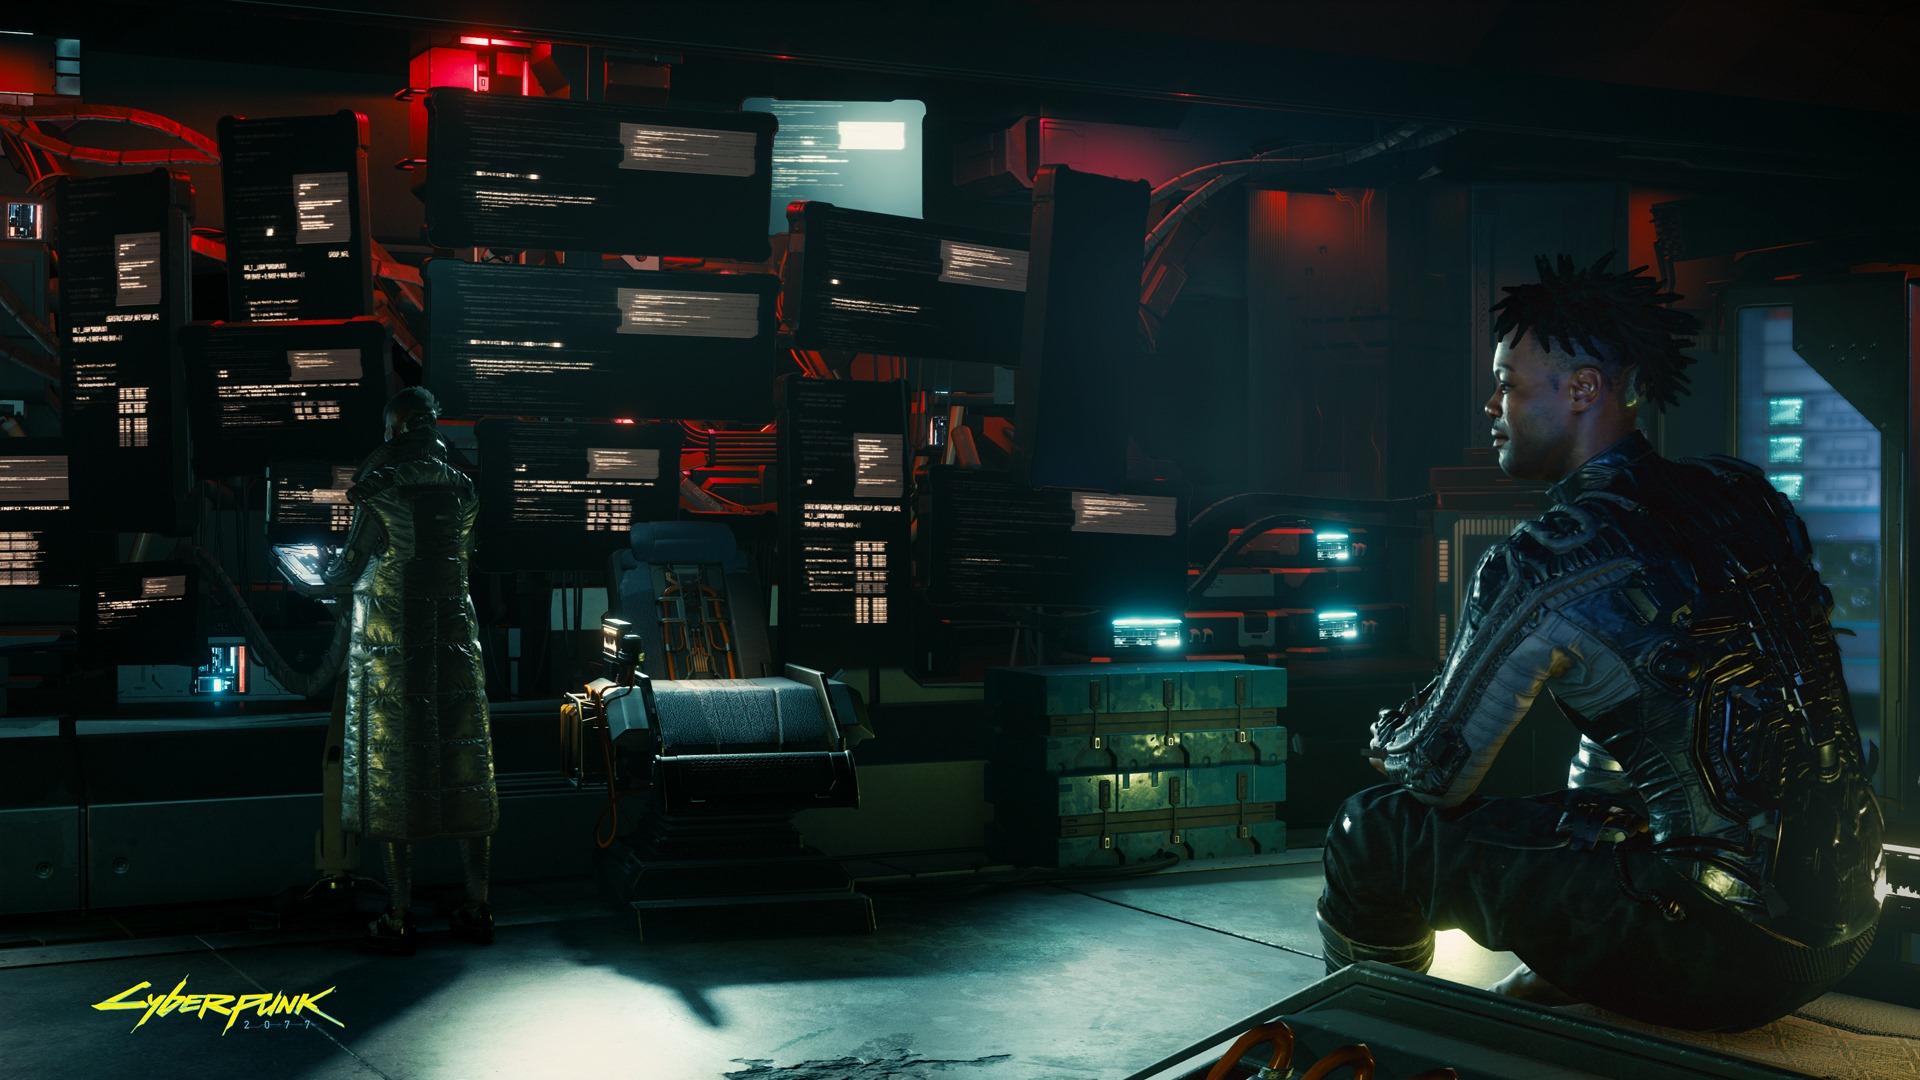 《赛博朋克2077》或将登陆次世代主机 发挥最佳性能